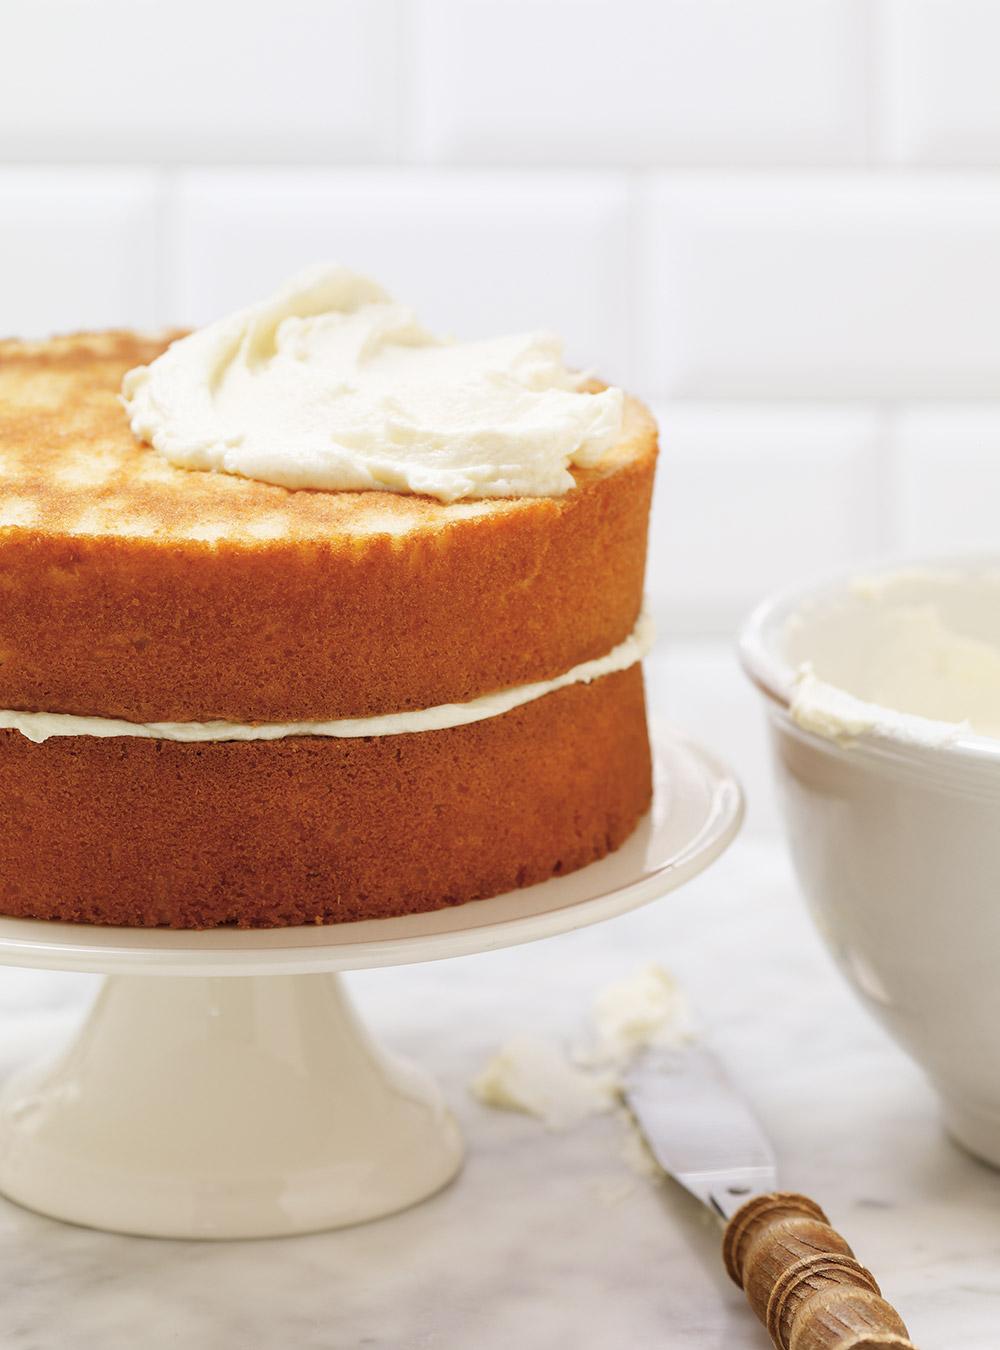 Le meilleur glaçage à la vanille | ricardo